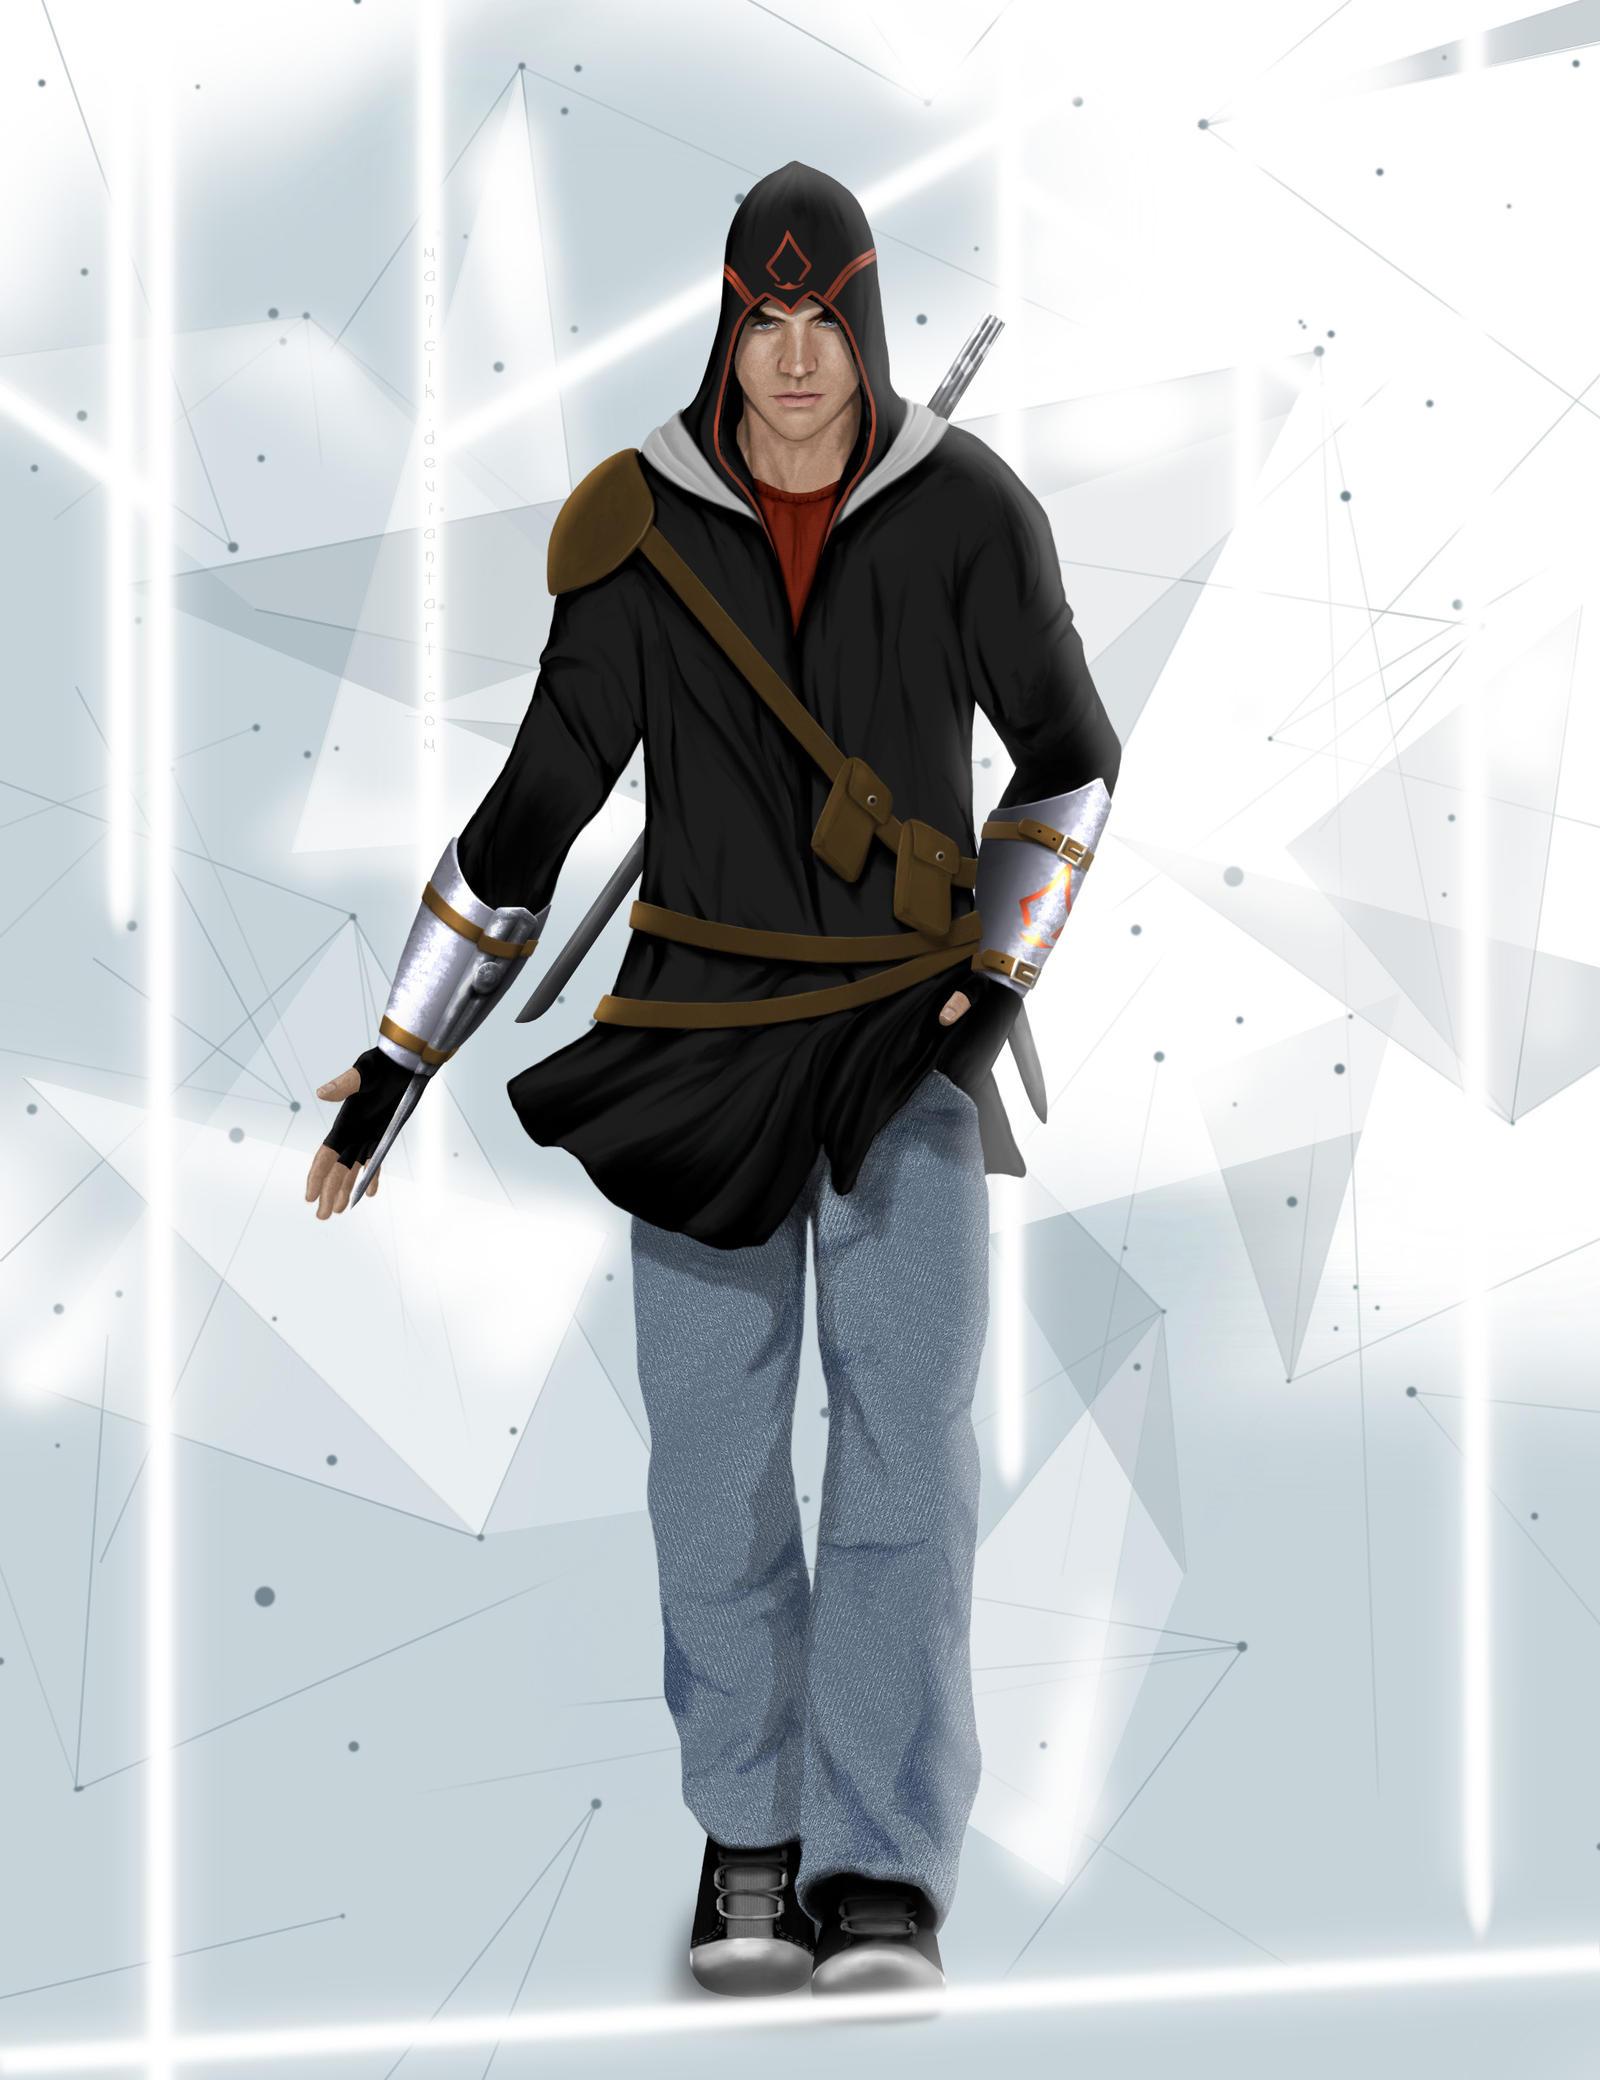 Modern Day Assassin  Newgroundscom